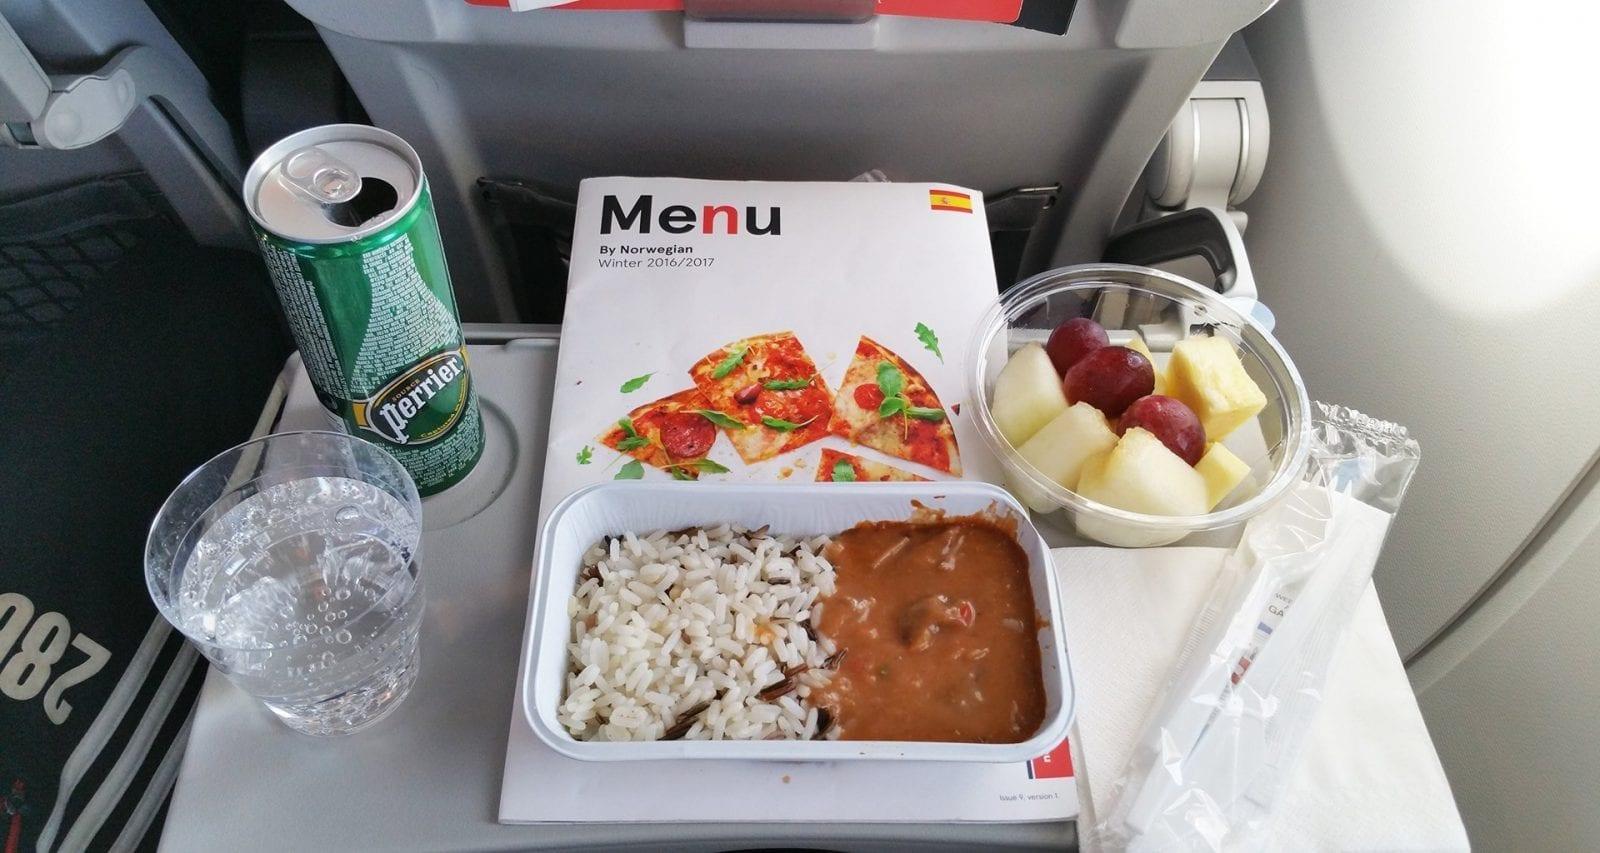 Norwegian Airlines meals onboard